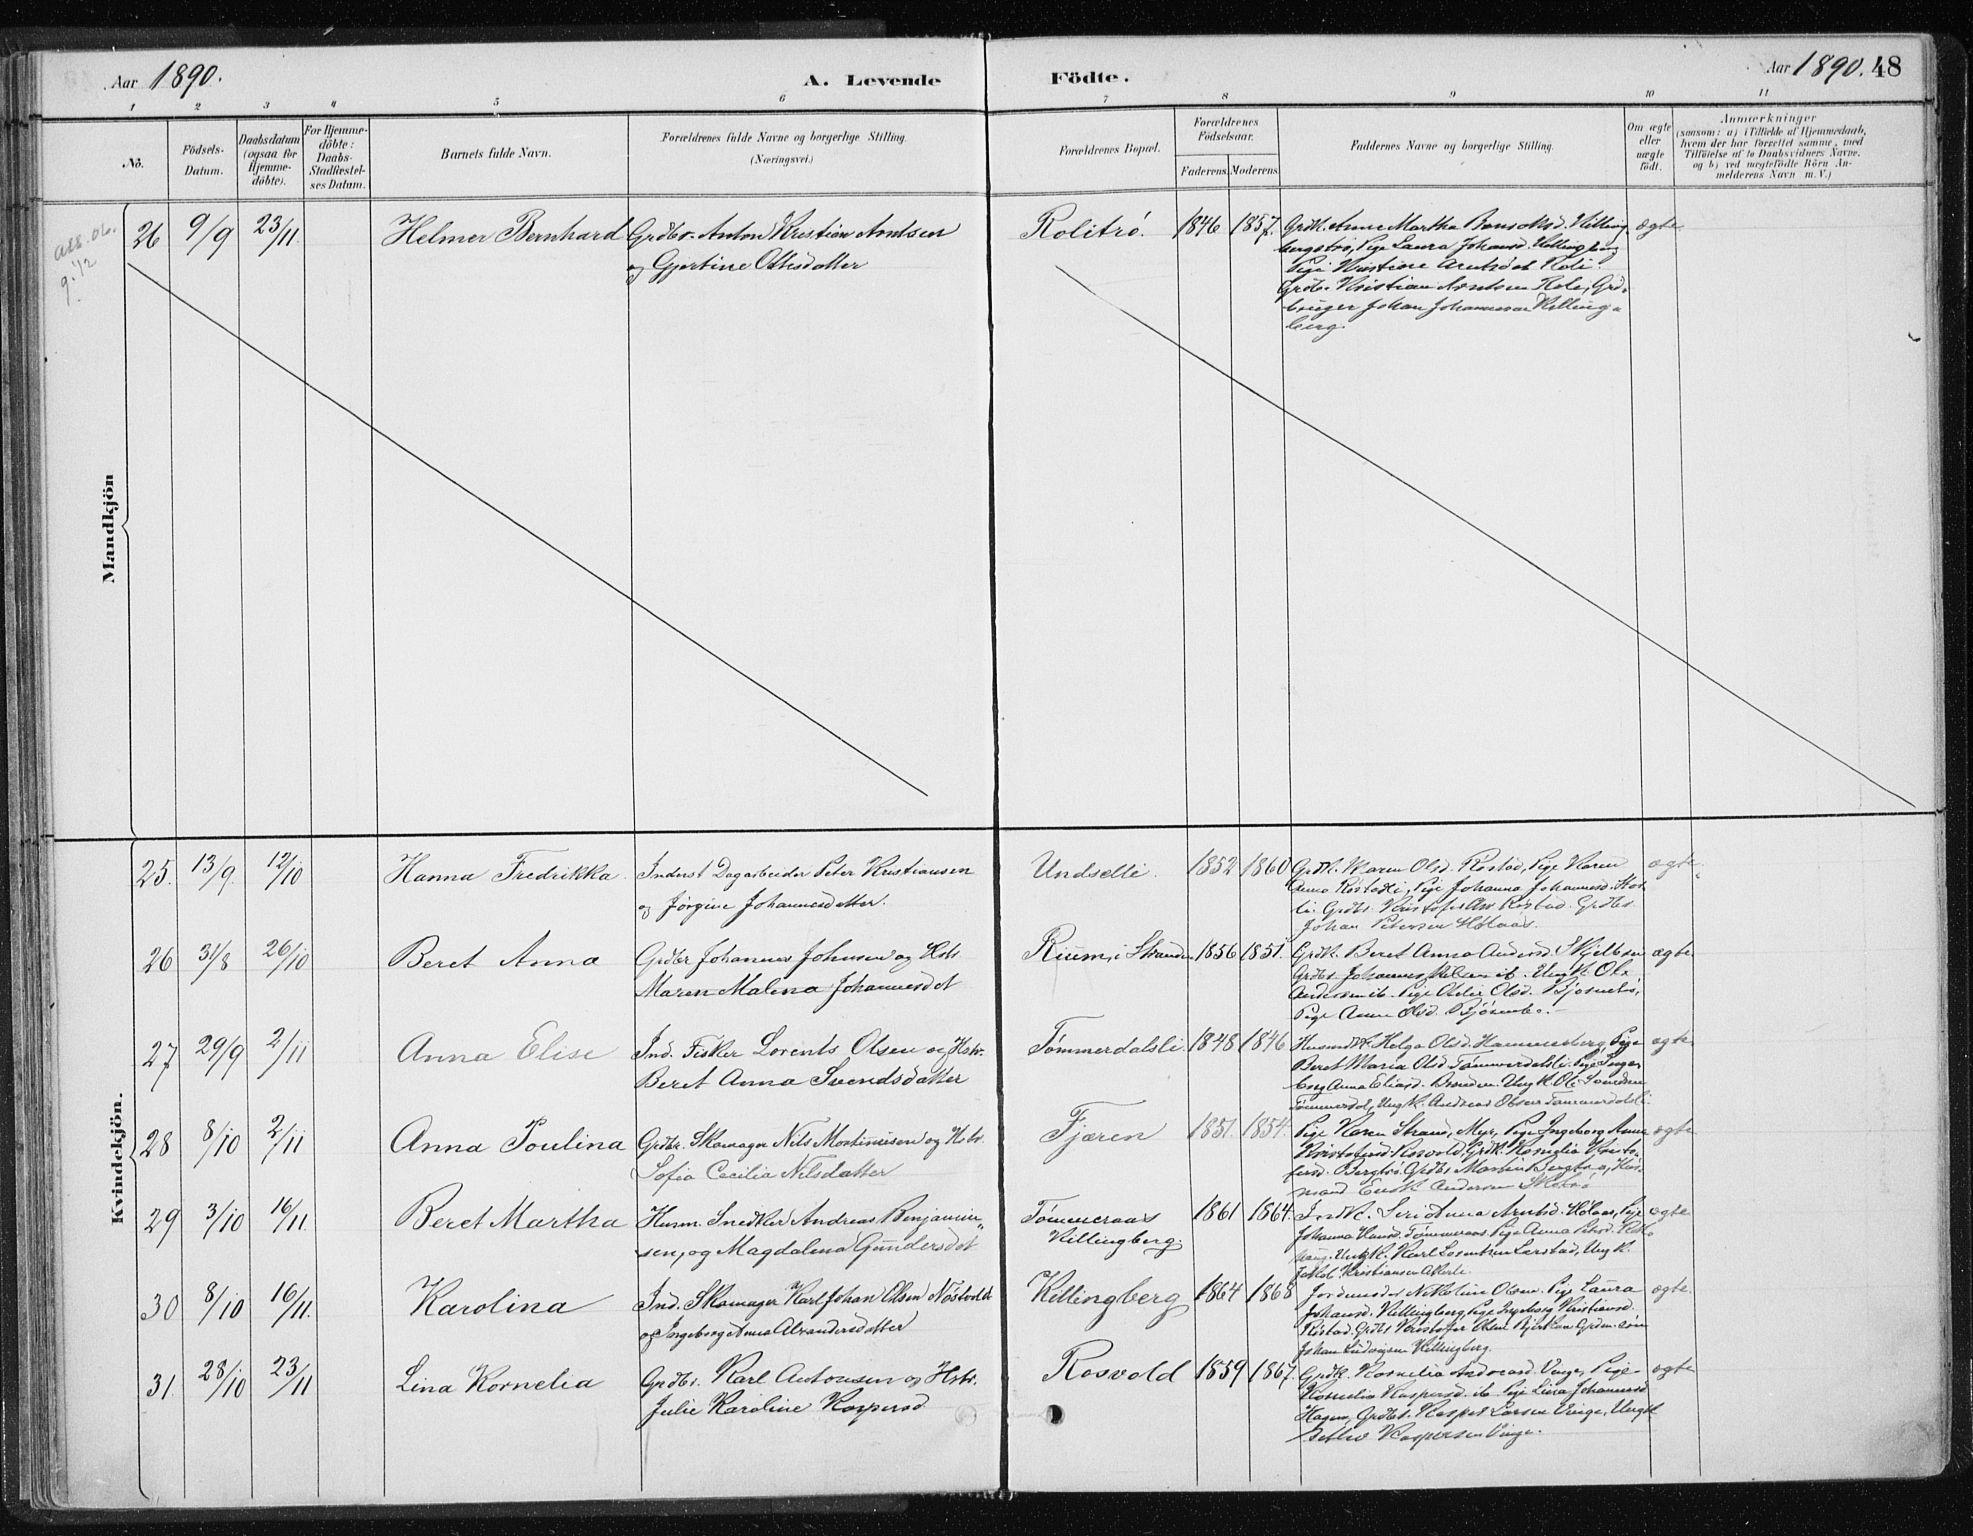 SAT, Ministerialprotokoller, klokkerbøker og fødselsregistre - Nord-Trøndelag, 701/L0010: Ministerialbok nr. 701A10, 1883-1899, s. 48